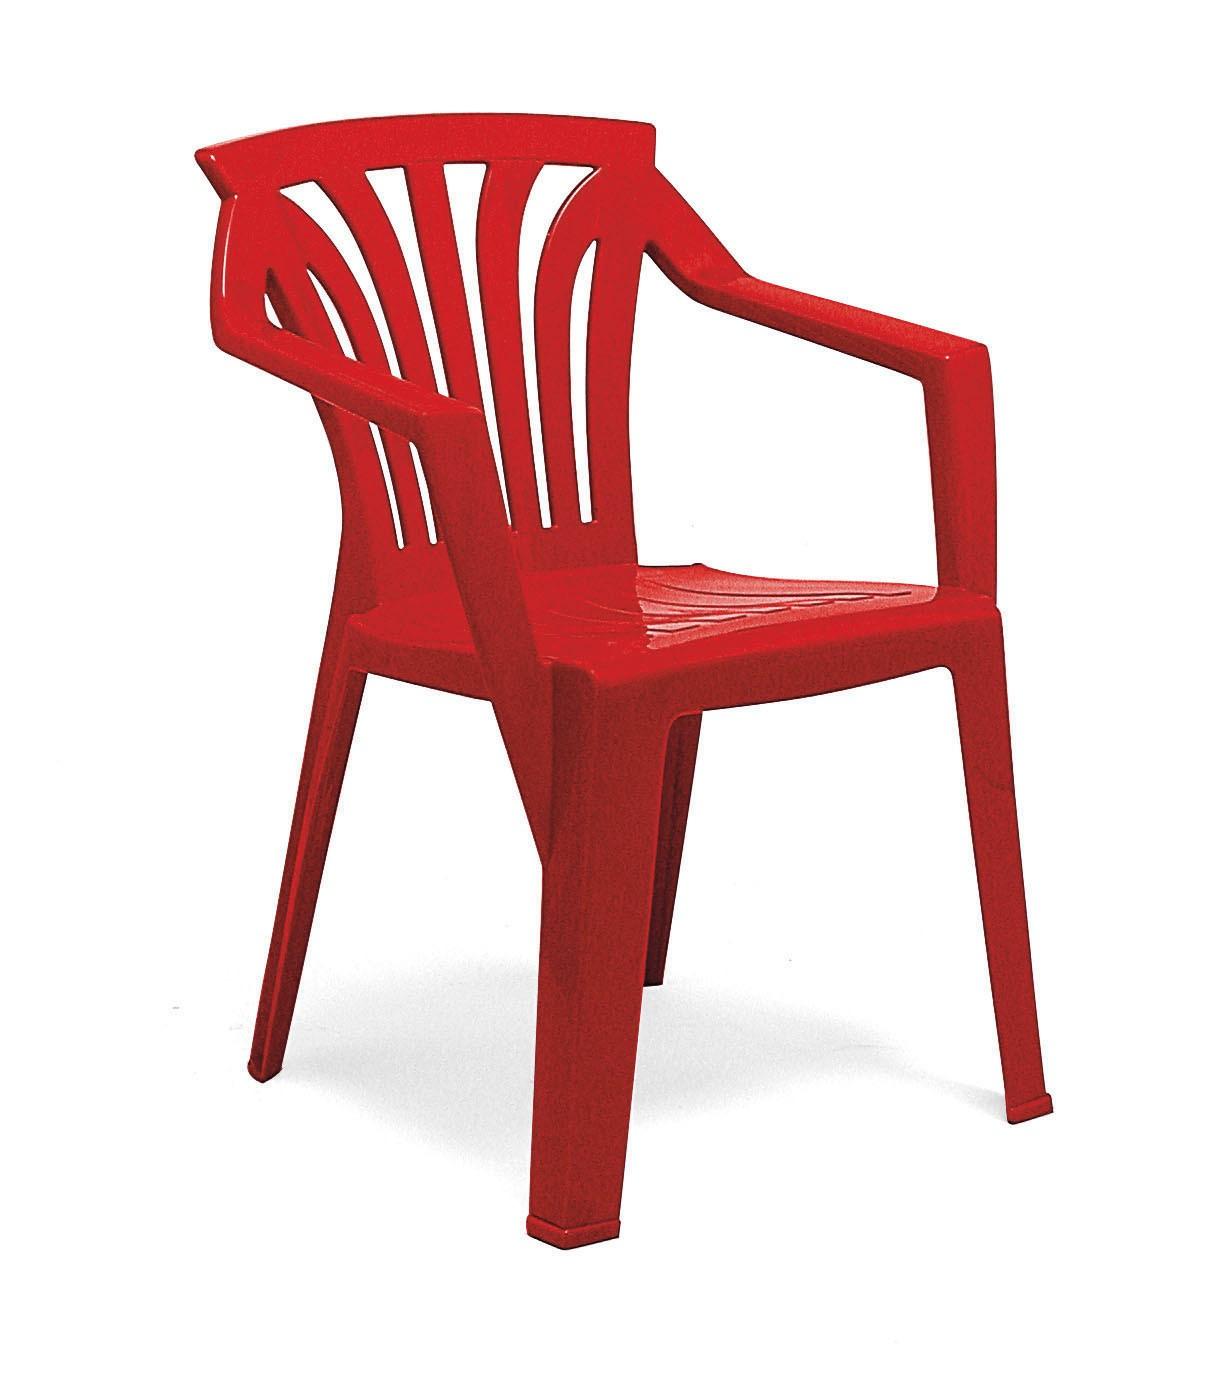 kinderstuhl gartenstuhl ariel kunststoff stapelbar nardi rot bei. Black Bedroom Furniture Sets. Home Design Ideas